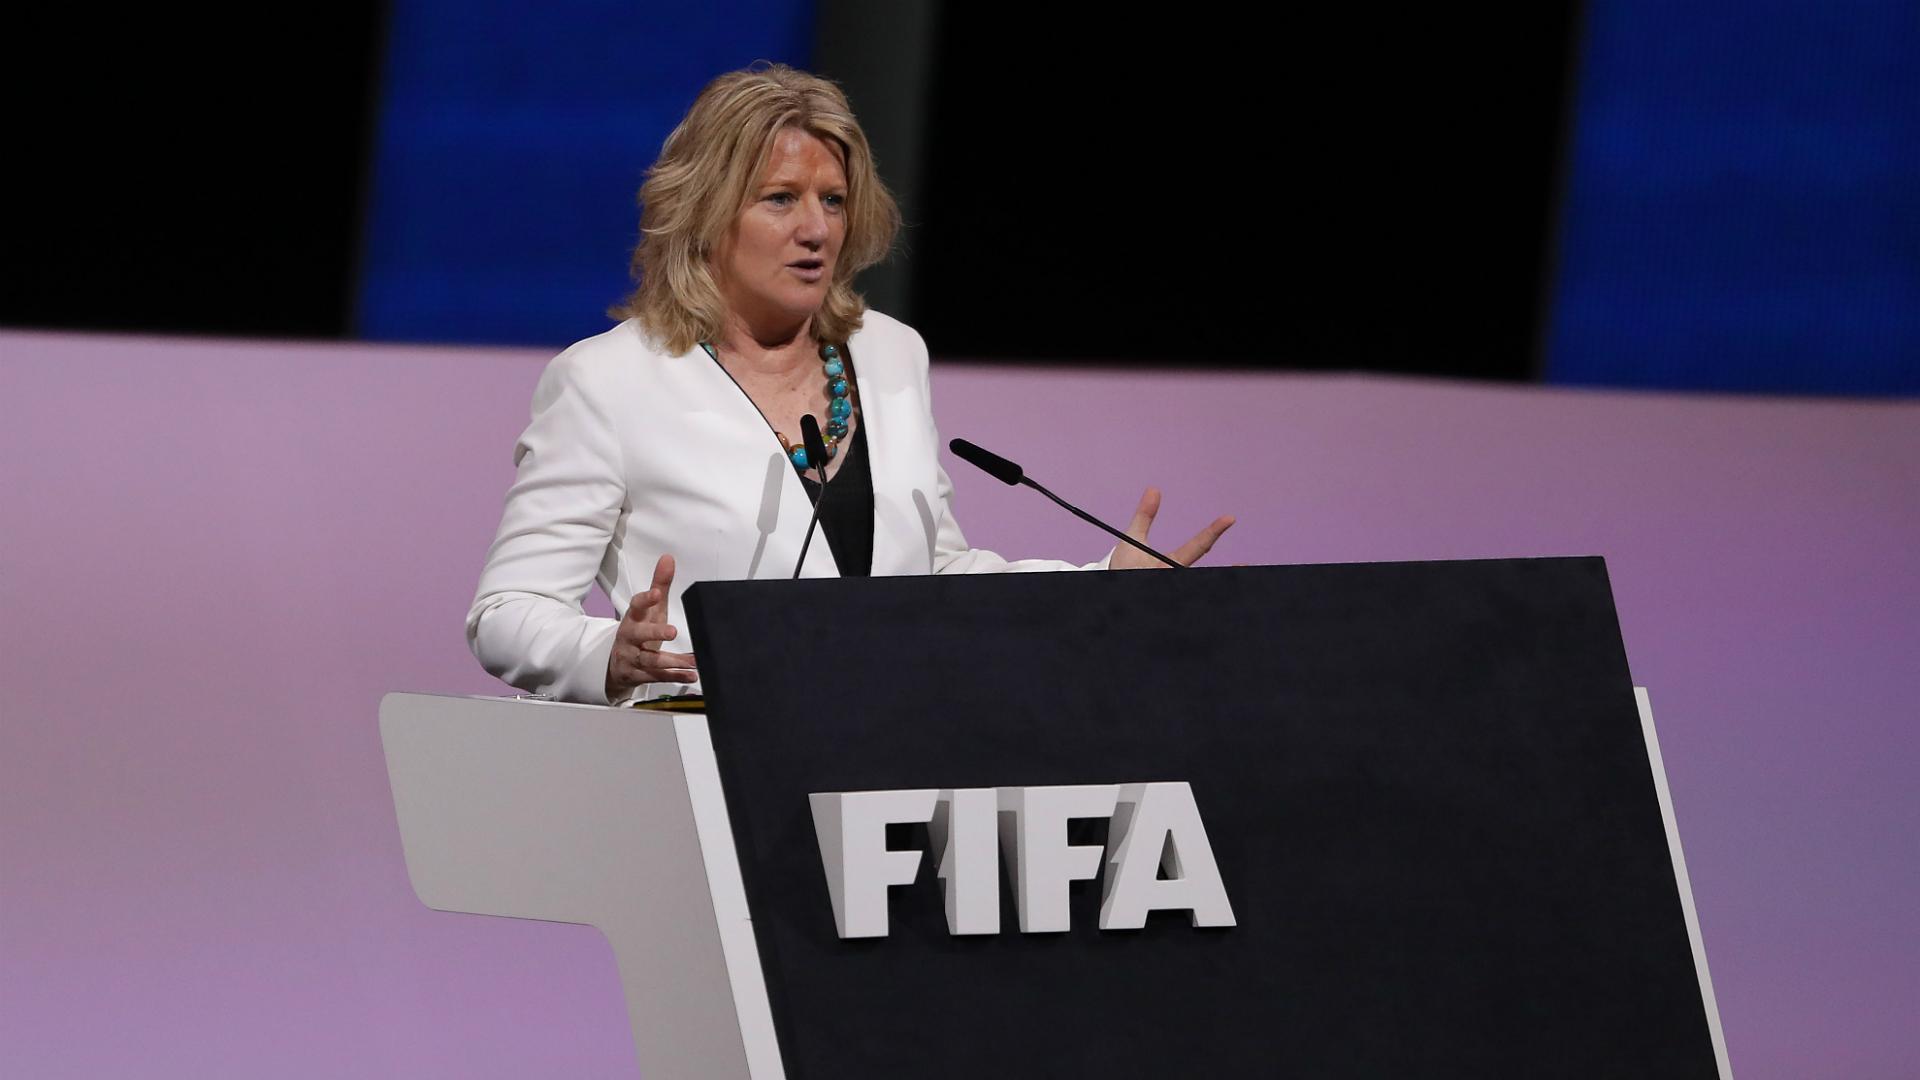 Brigitte Henriques FIFA congress